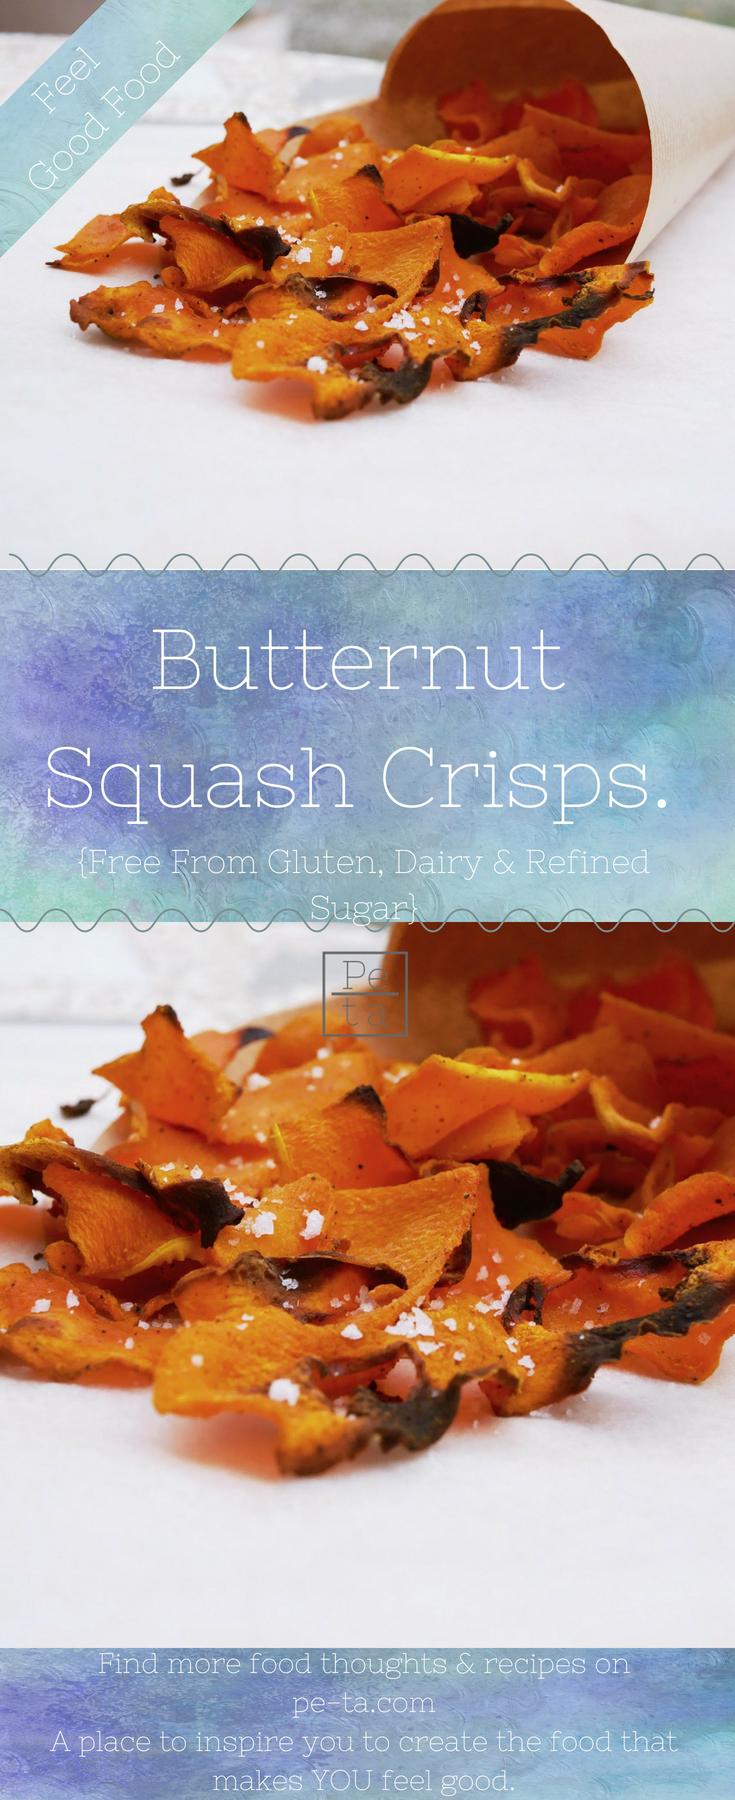 Butternut Squash Crisps